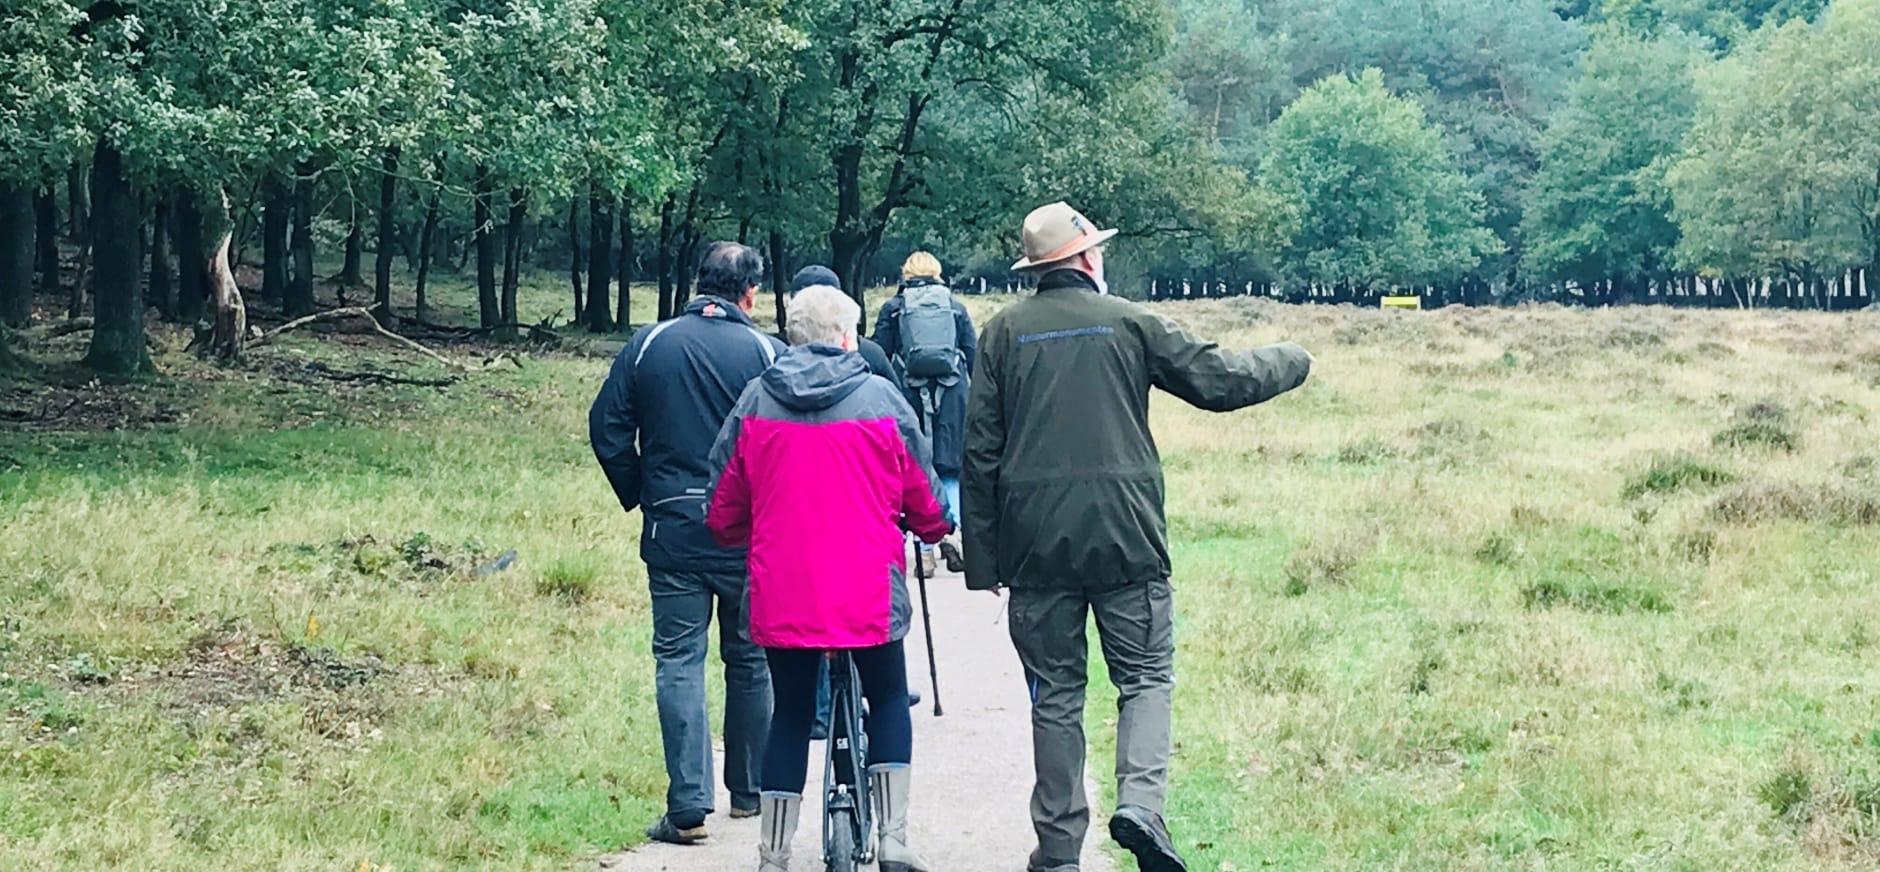 Wandelroute langs de akkers van Oud Reemst bij Ottelo toegankelijk gemaakt